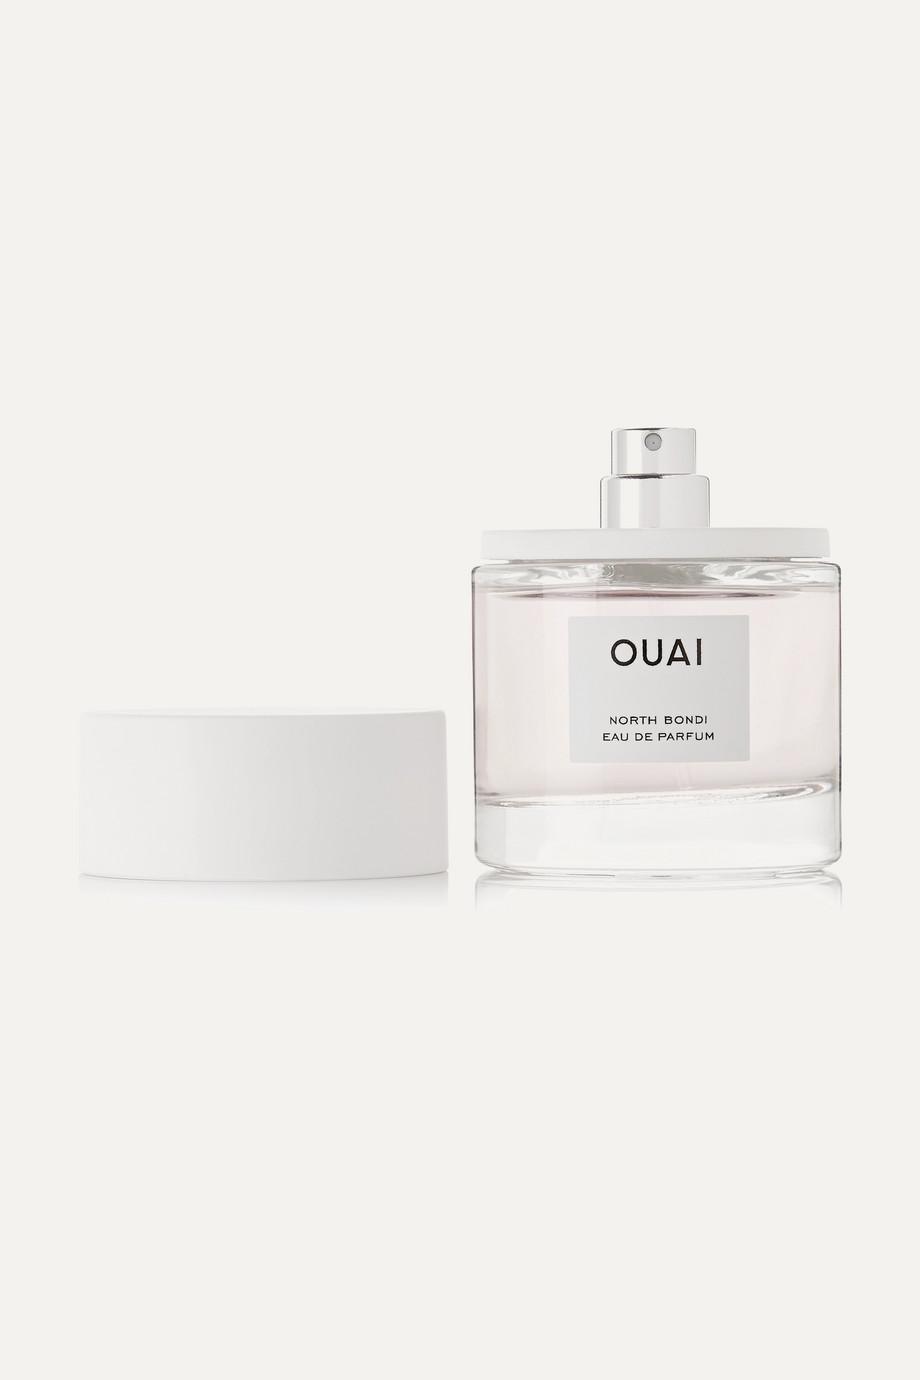 OUAI Haircare Eau de Parfum - North Bondi, 50ml